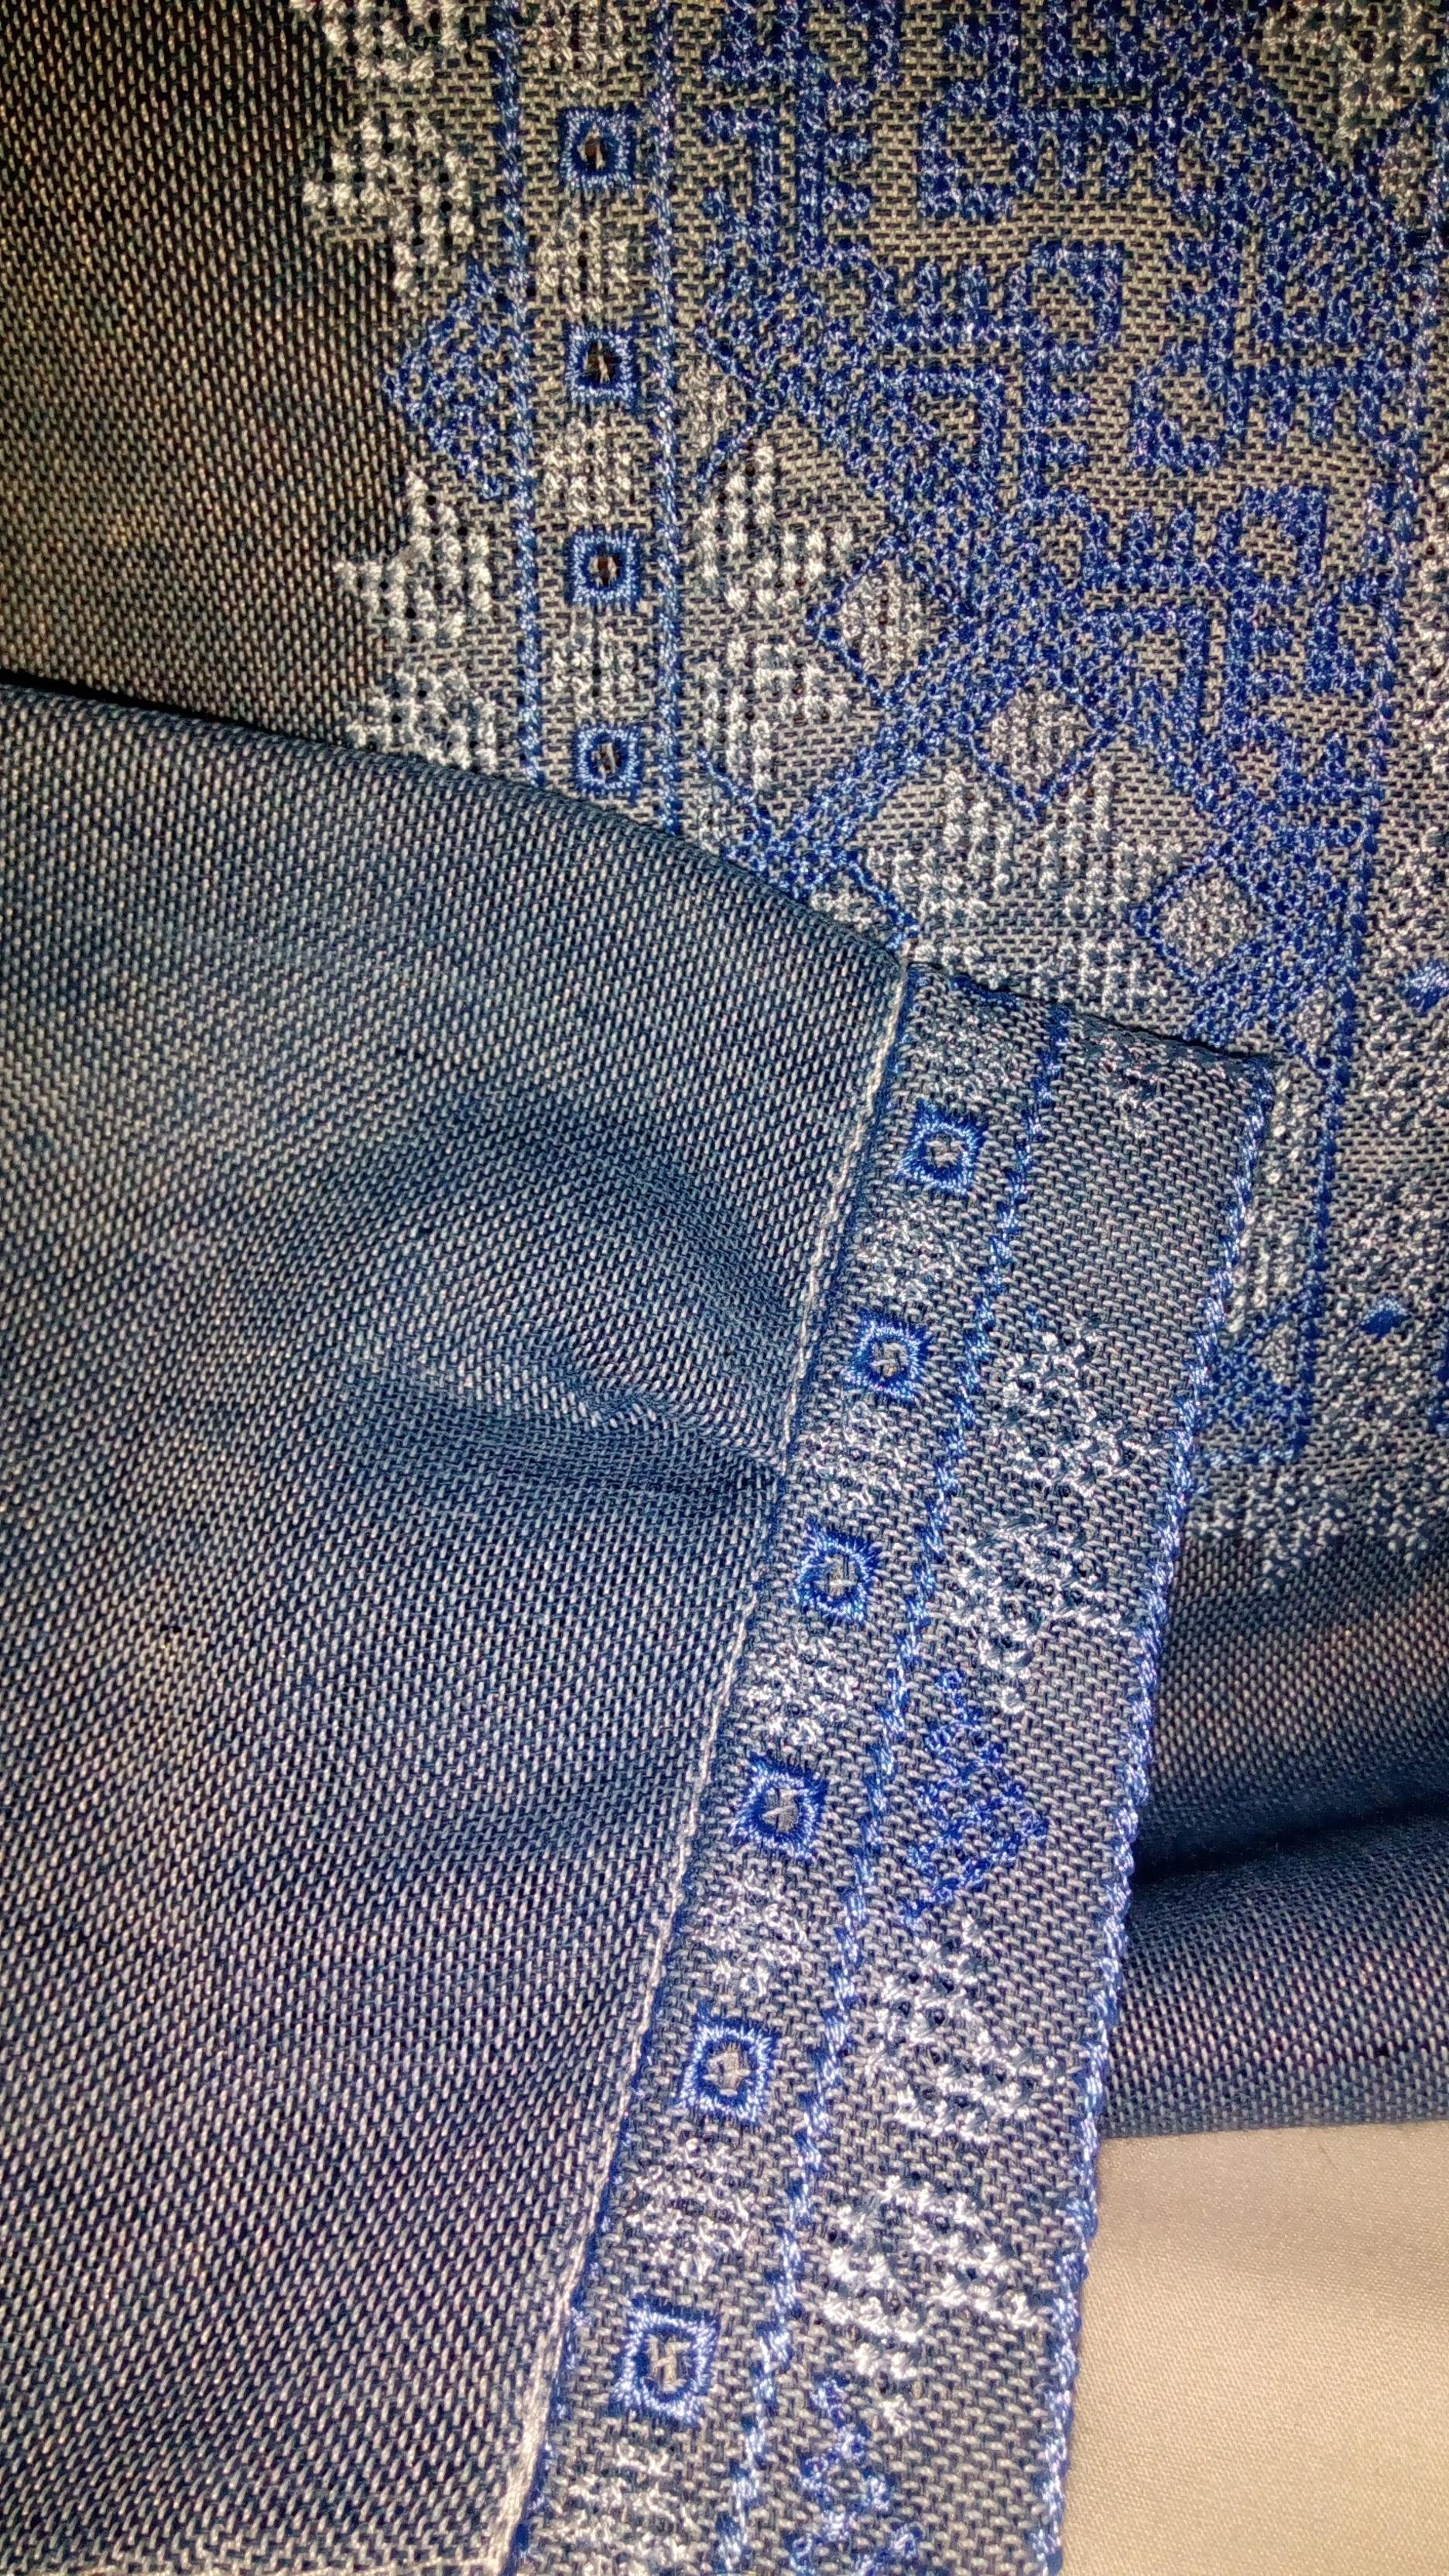 вишиванка чоловіча безпосередньо на домотканому полотні під джинс (Арт.  01865) f9851ec7e4901